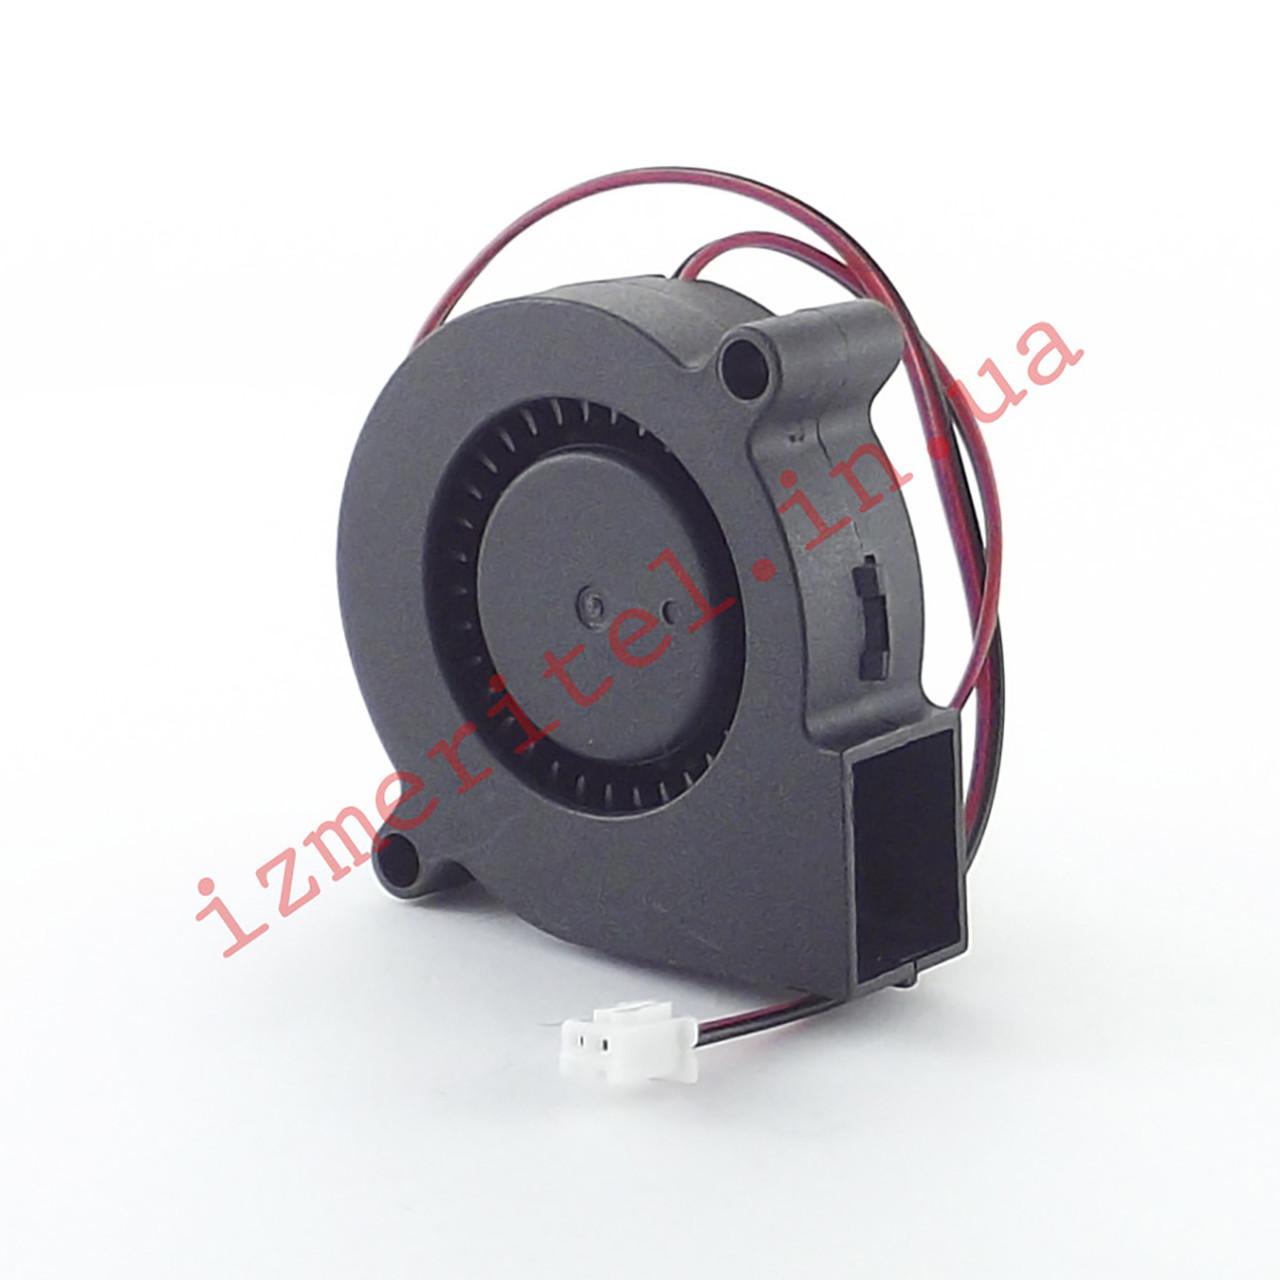 Кулер для увлажнителей воздуха CDM5015S 12В 0.150А